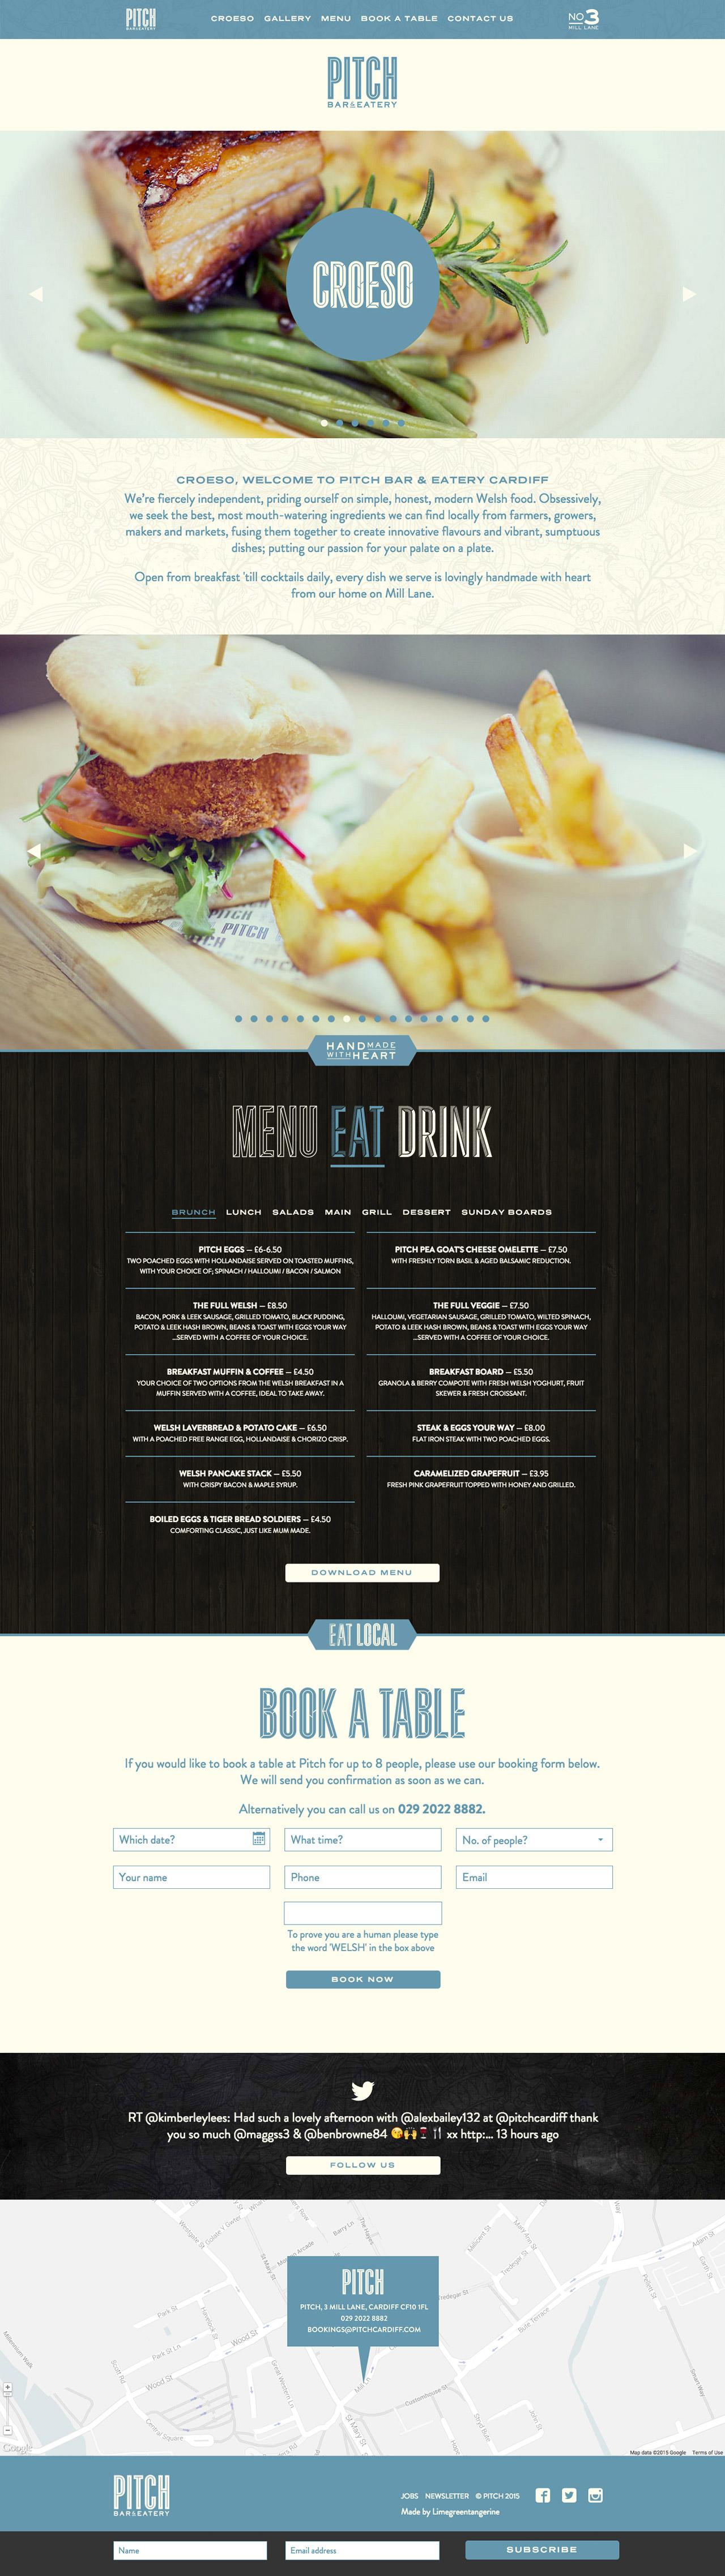 Pitch Bar & Eatery Website Screenshot